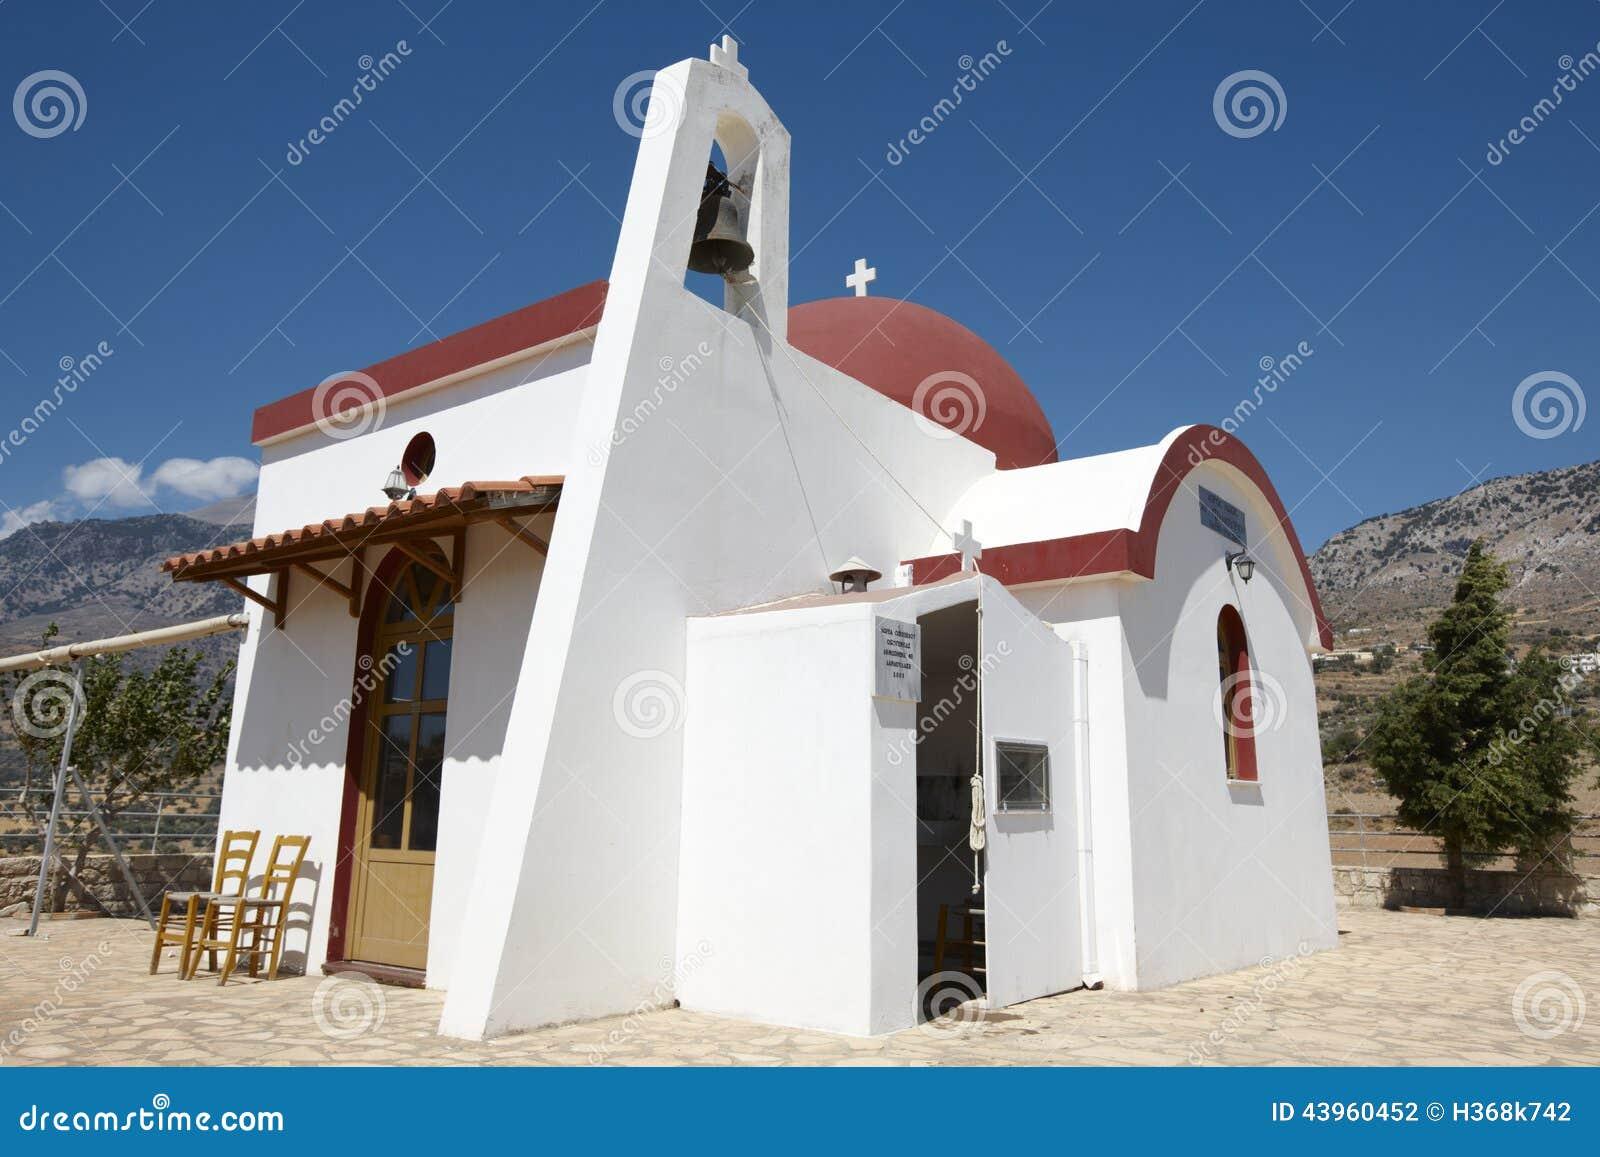 Iglesia griega tradicional en el valle de Amari crete Grecia